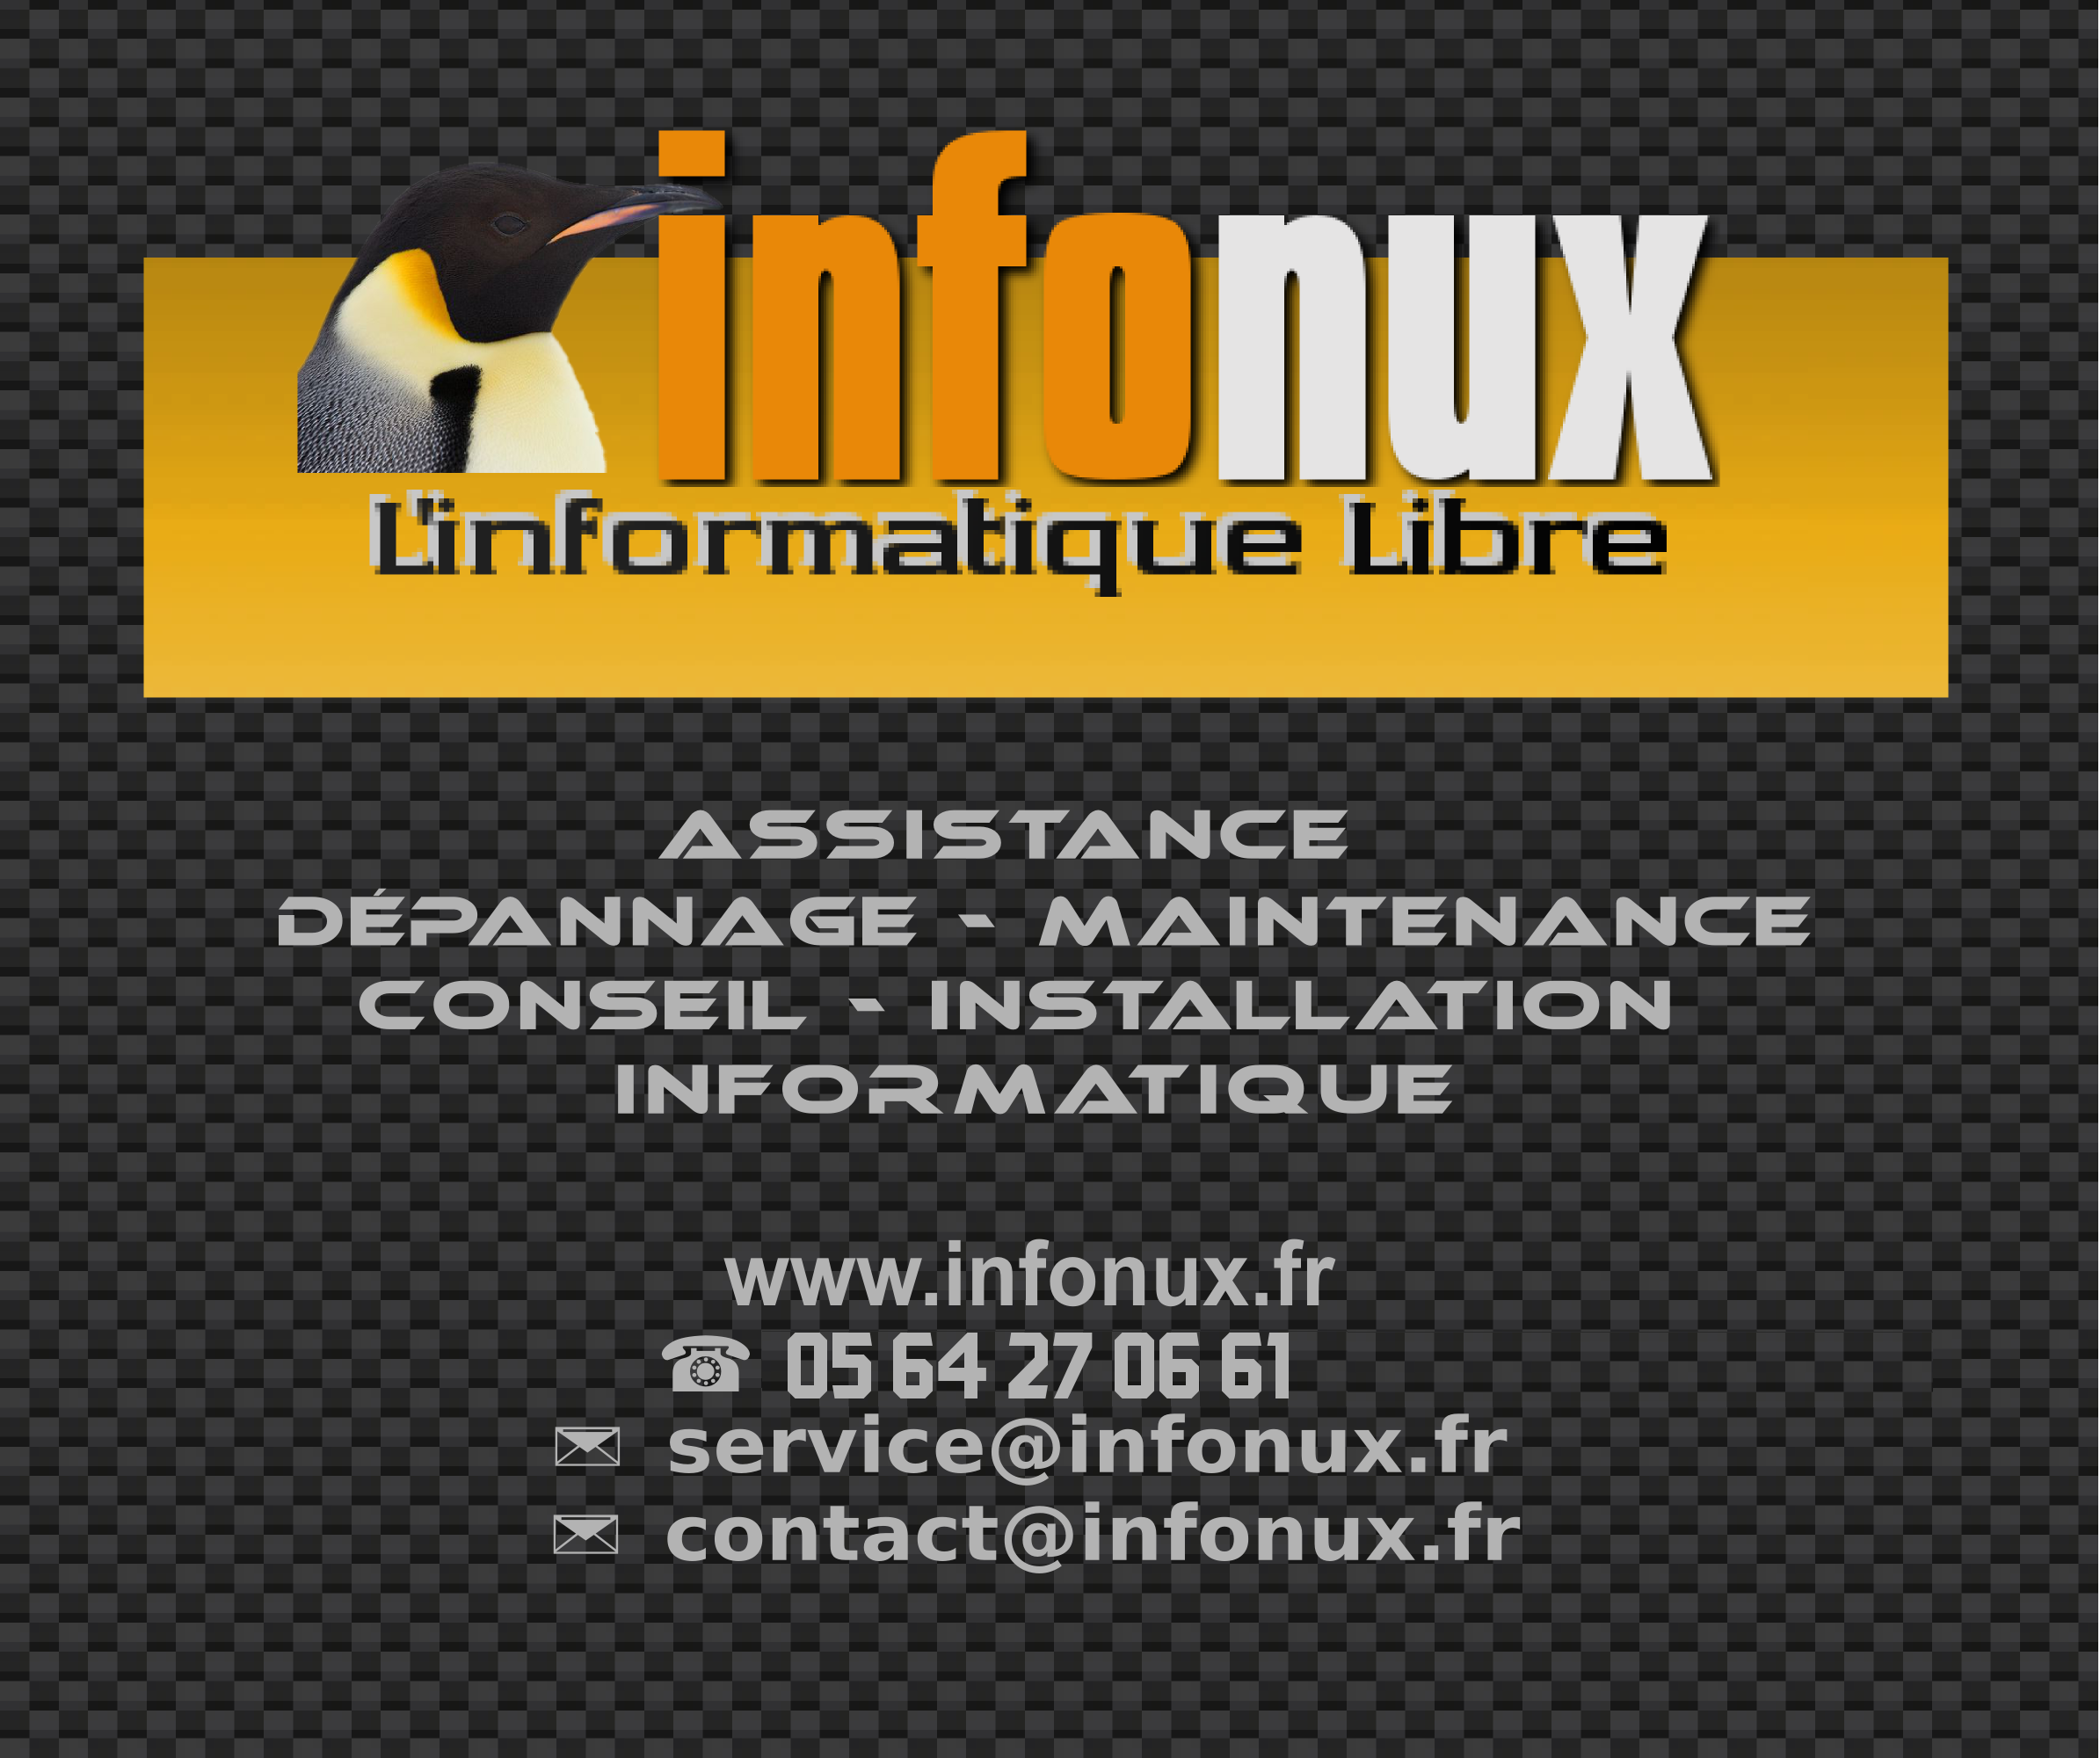 INFONUX  Assistance et Dépannage Morlaas informatique. Installation Site WEB